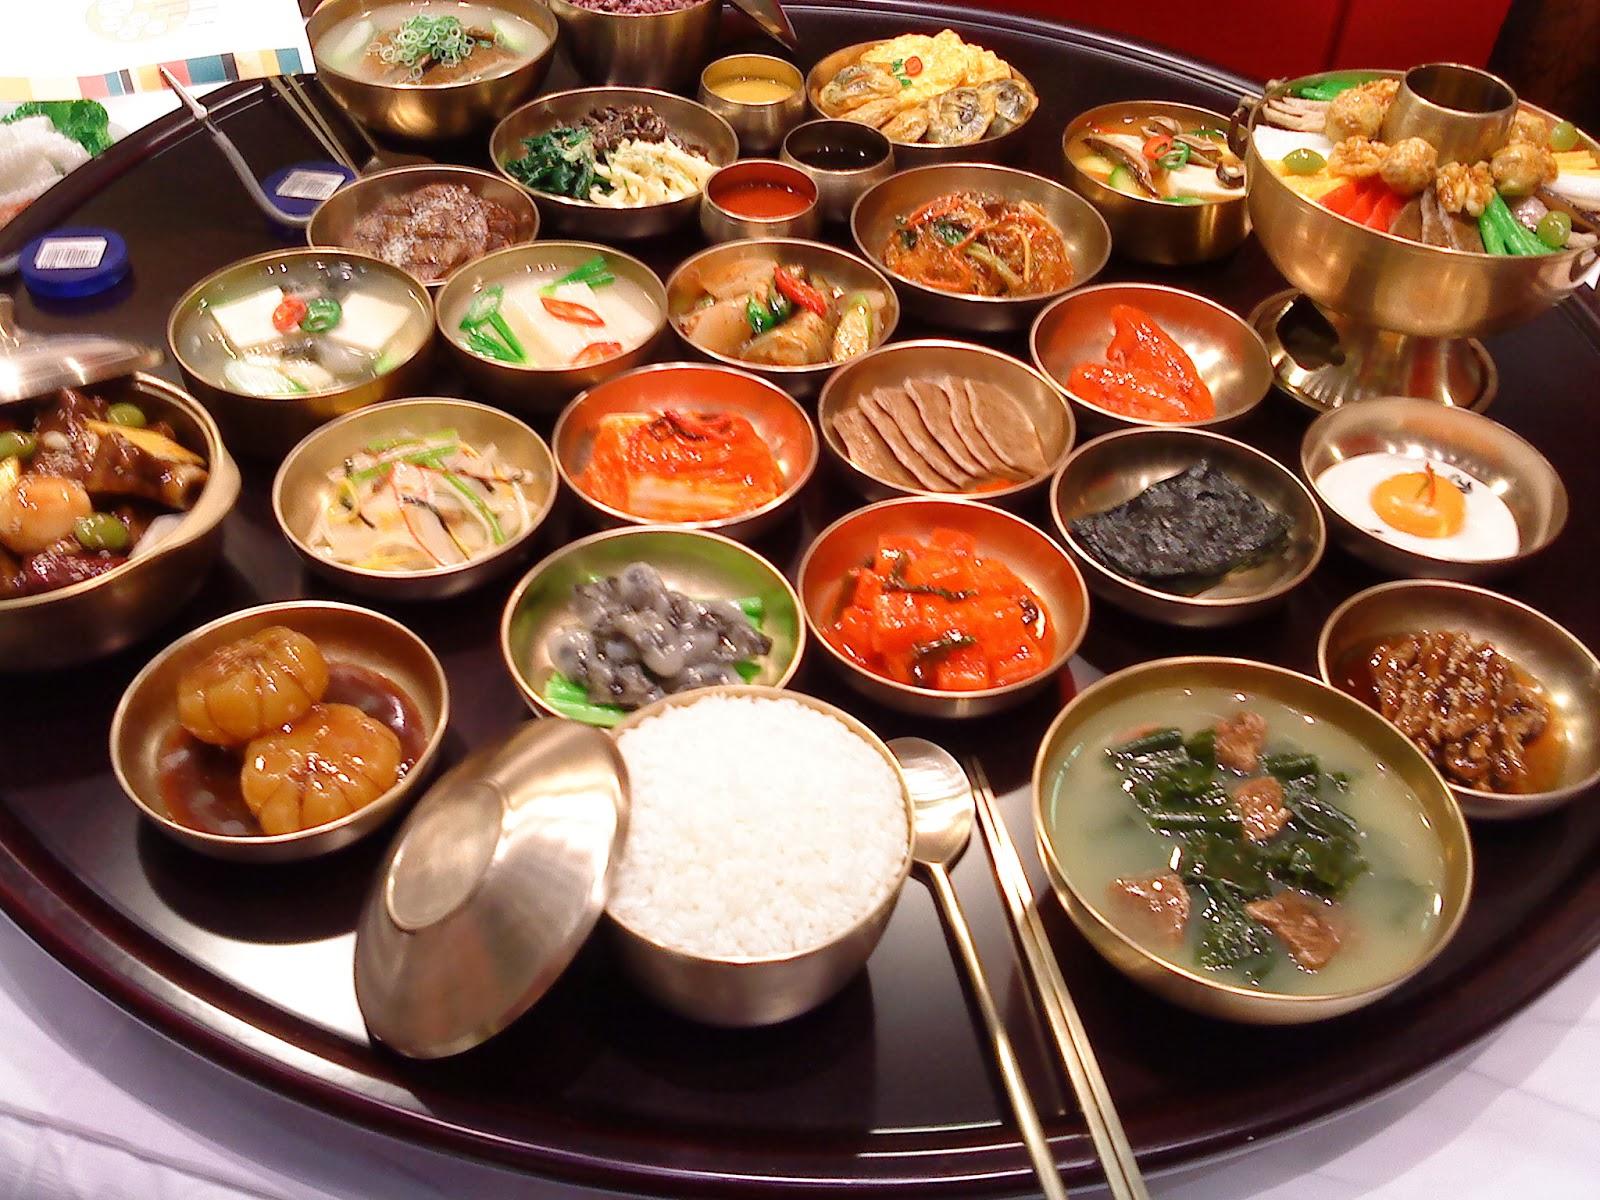 The philippine beat taste korean food festival nov 19 for About korean cuisine